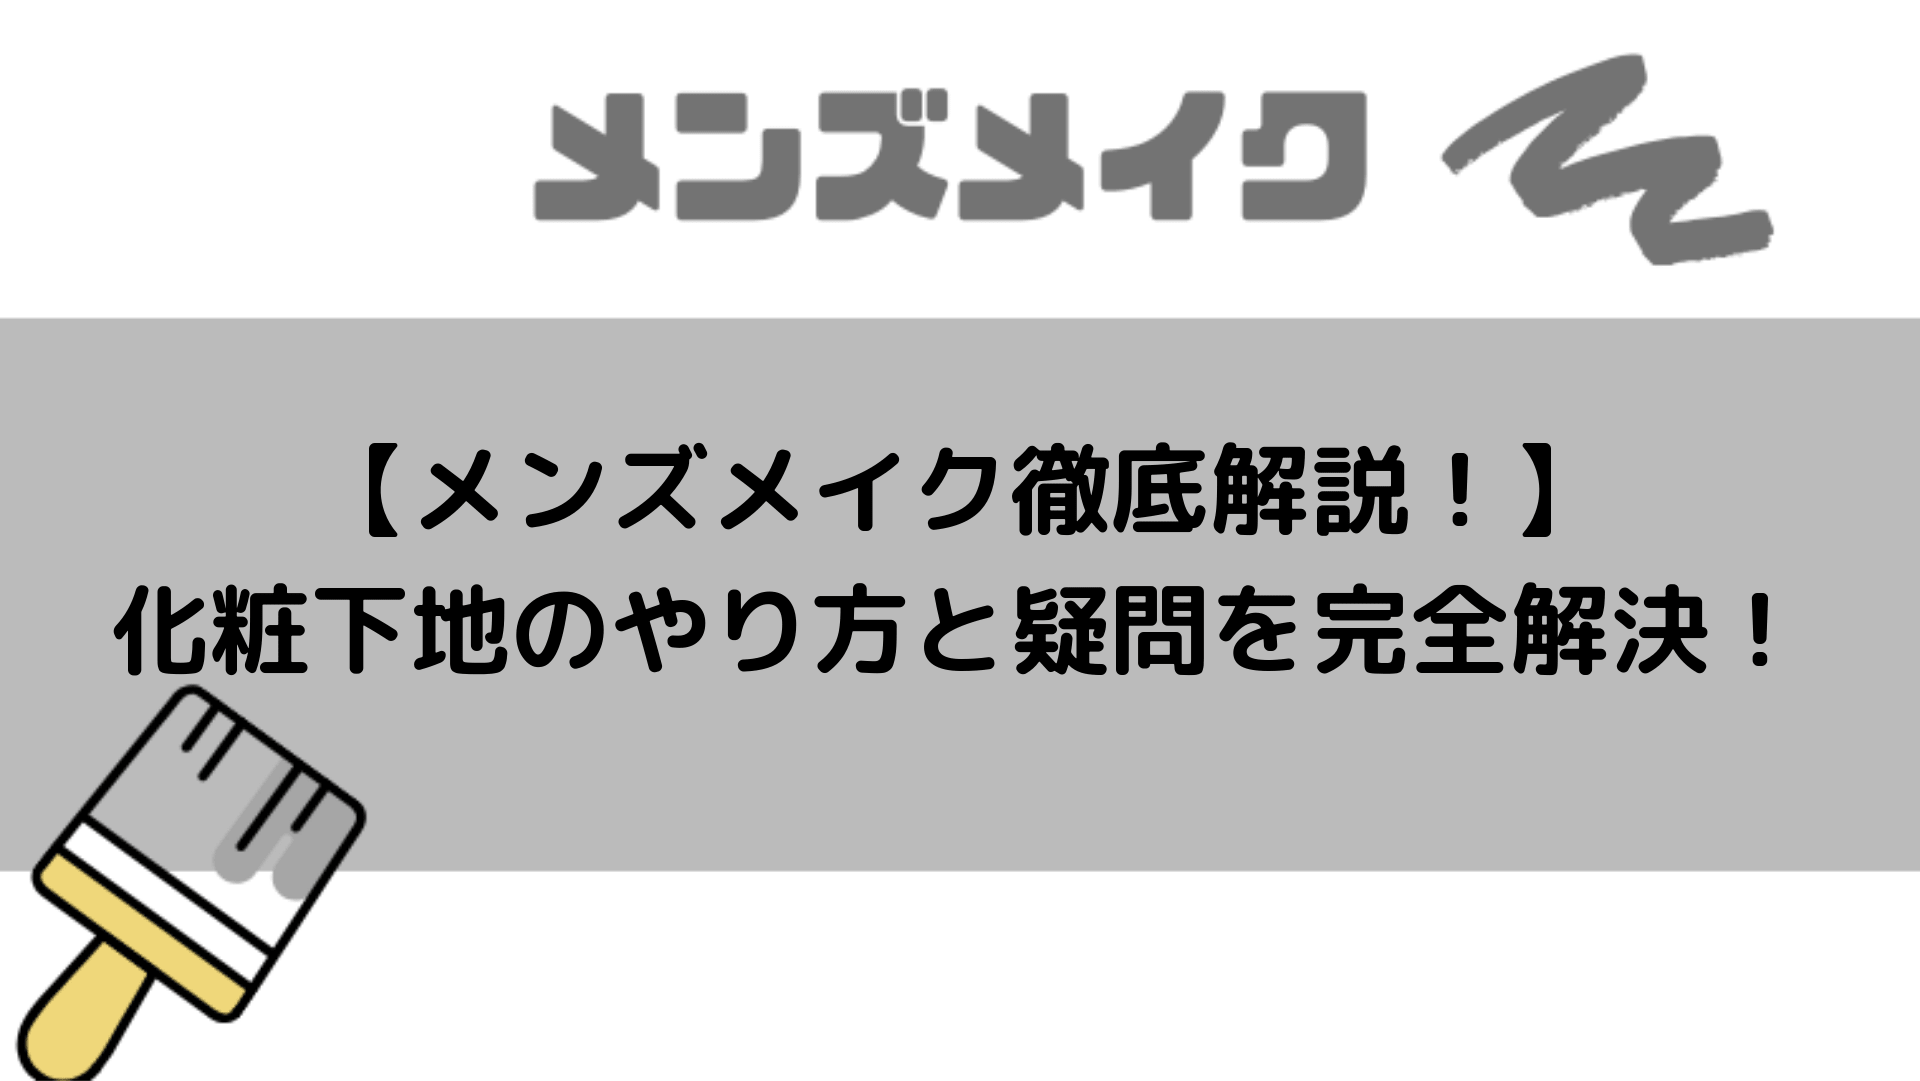 【メンズメイク徹底解説!】化粧下地のやり方と疑問を完全解決!